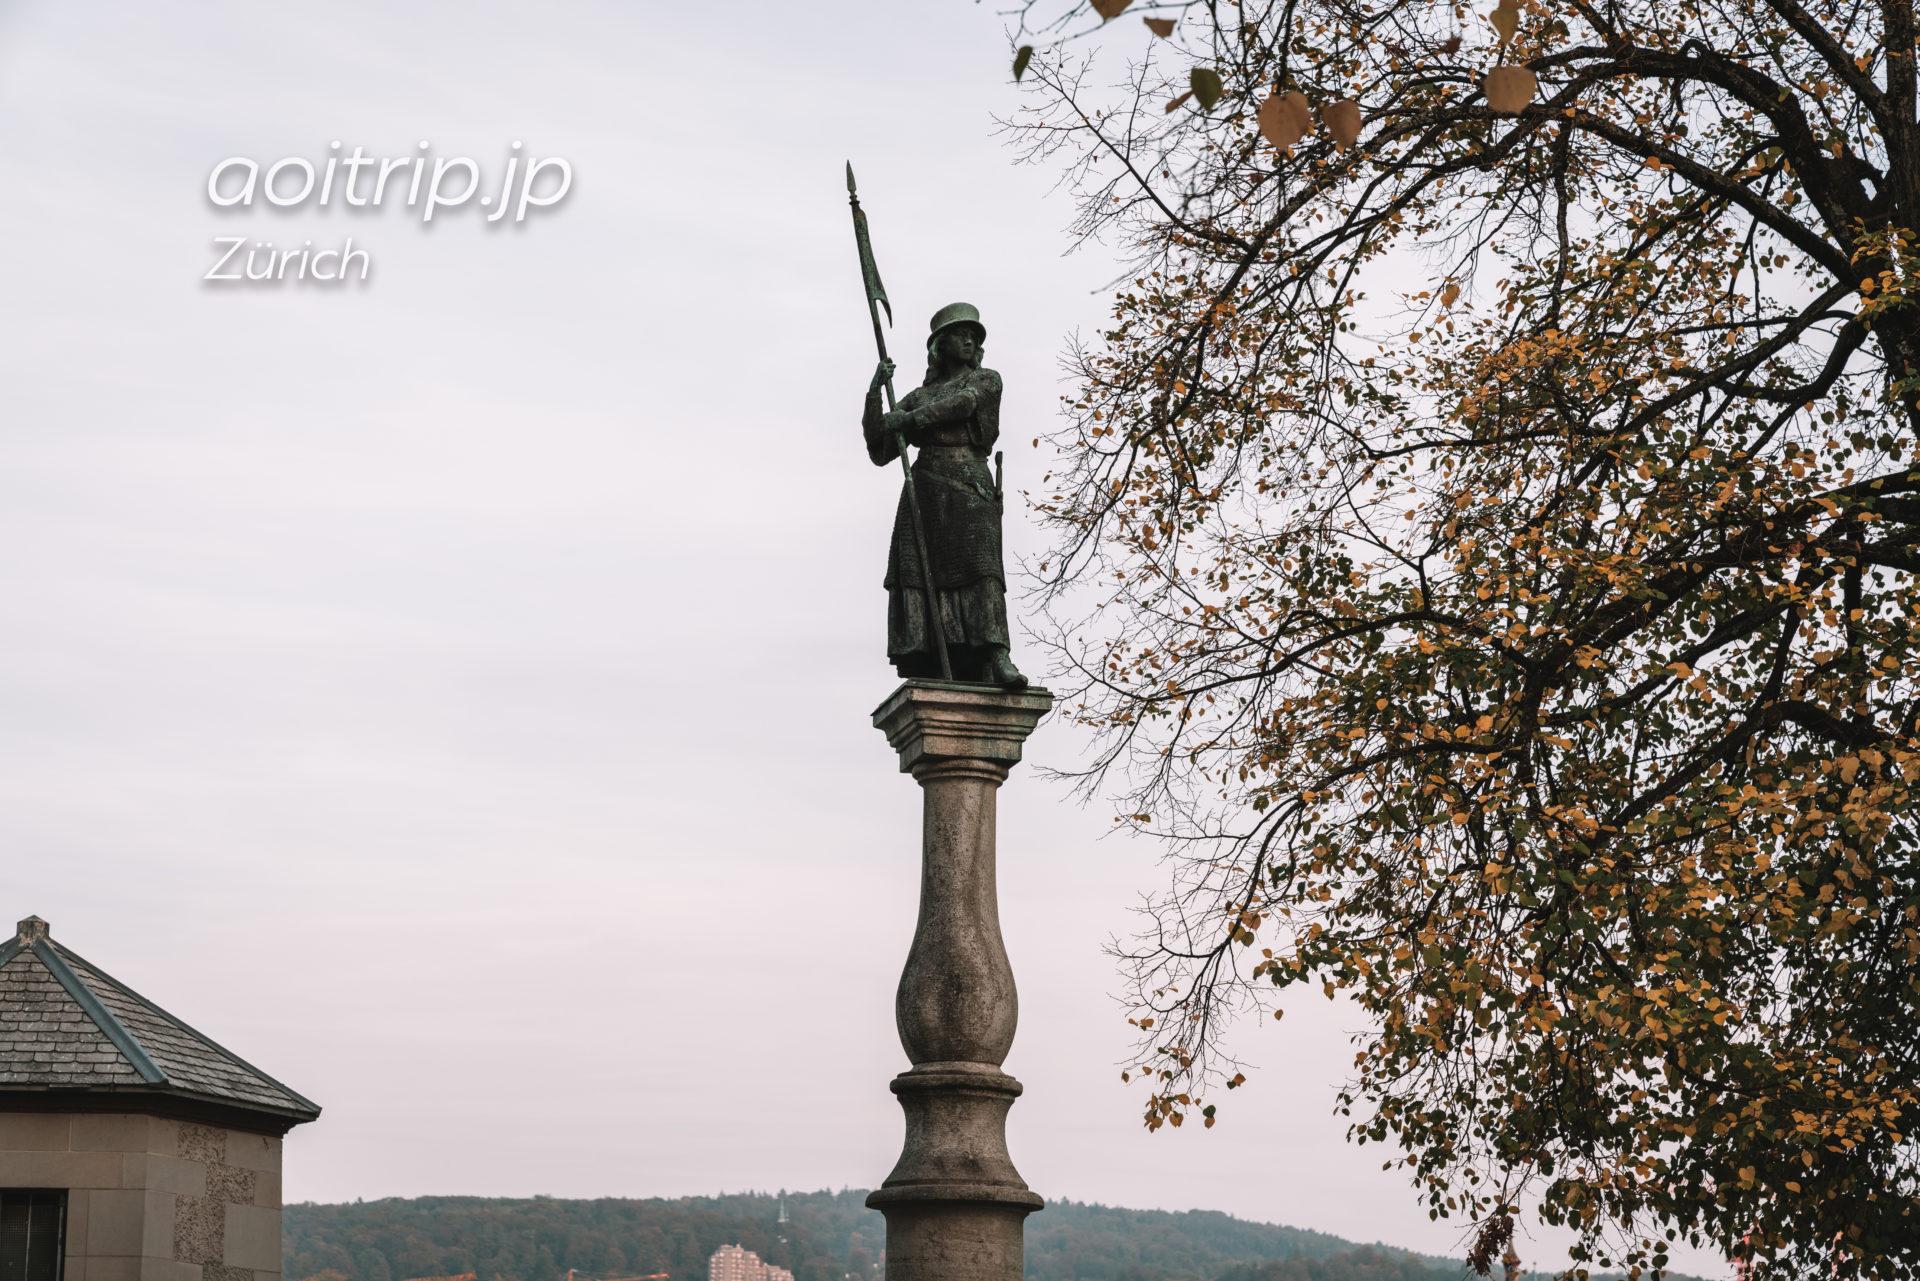 チューリッヒ リンデンホフの丘にある女性兵士の像